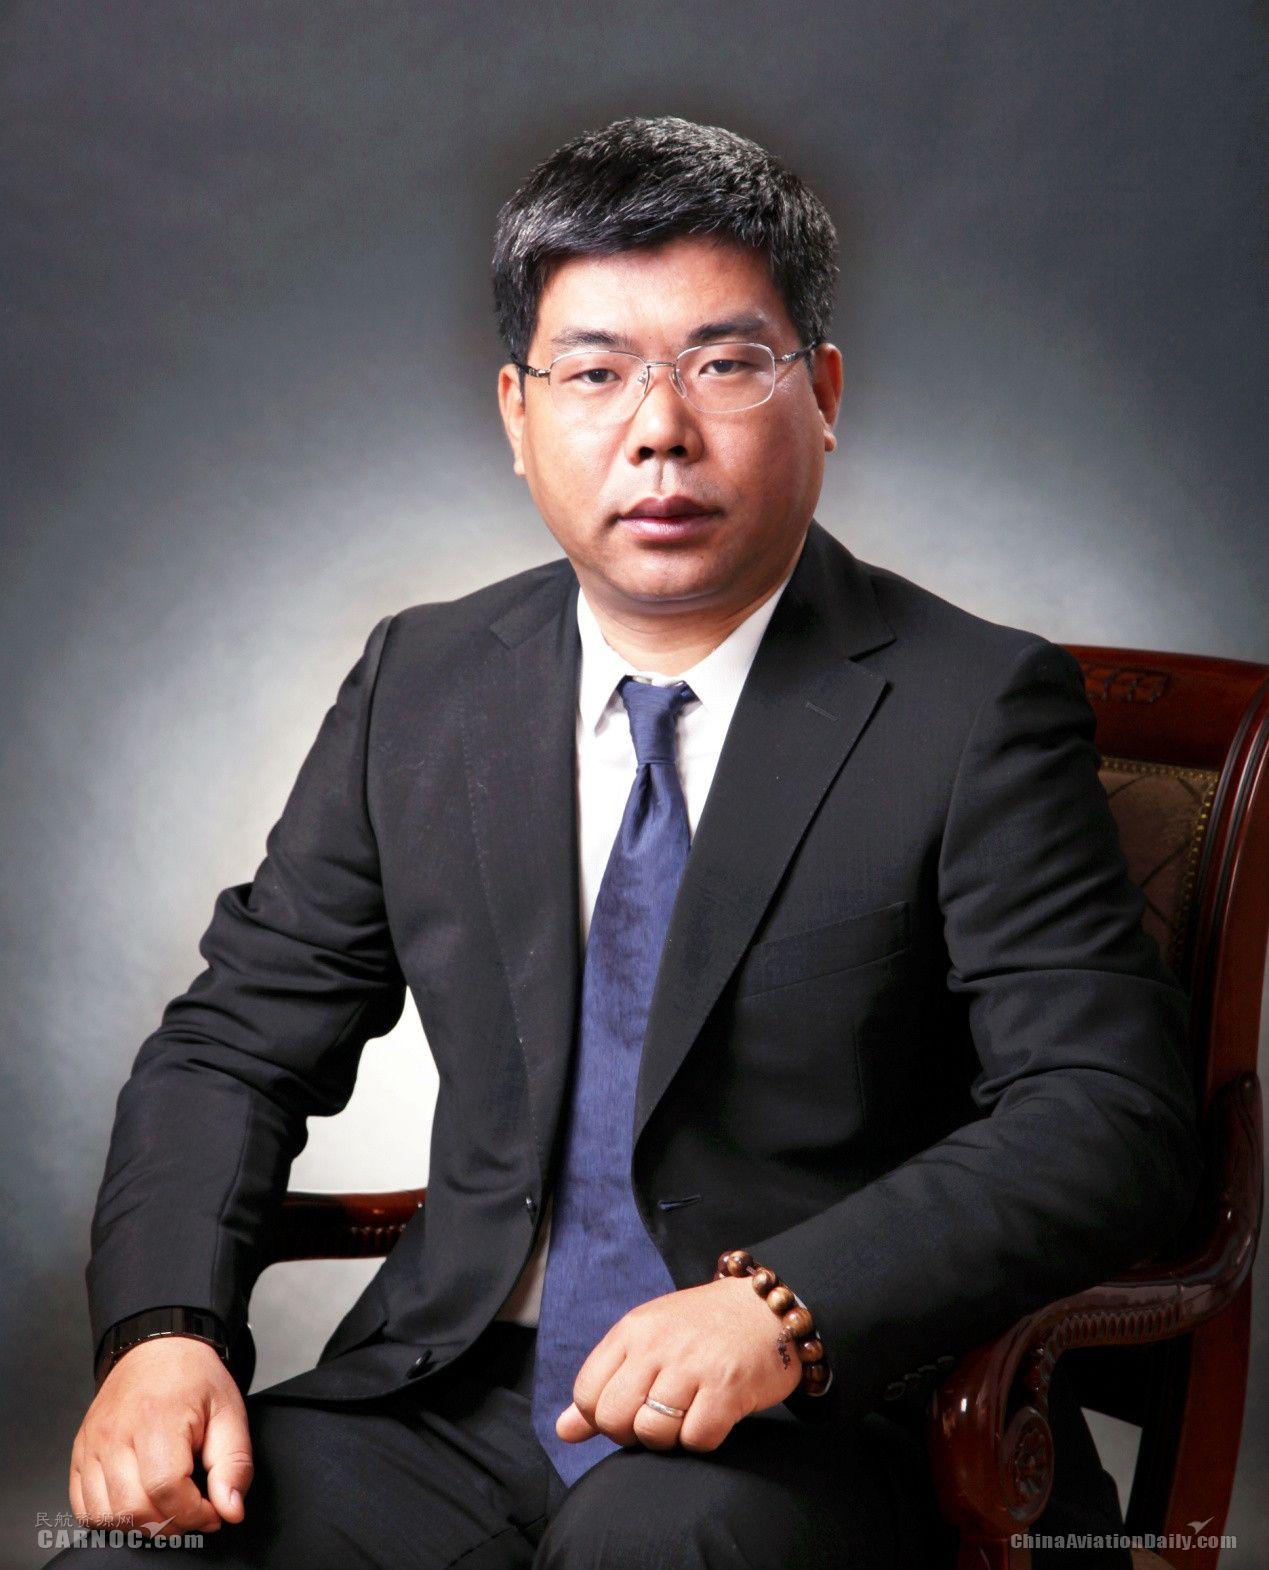 国家发改委城市中心总工程师、国土产业交通规划院院长张国华